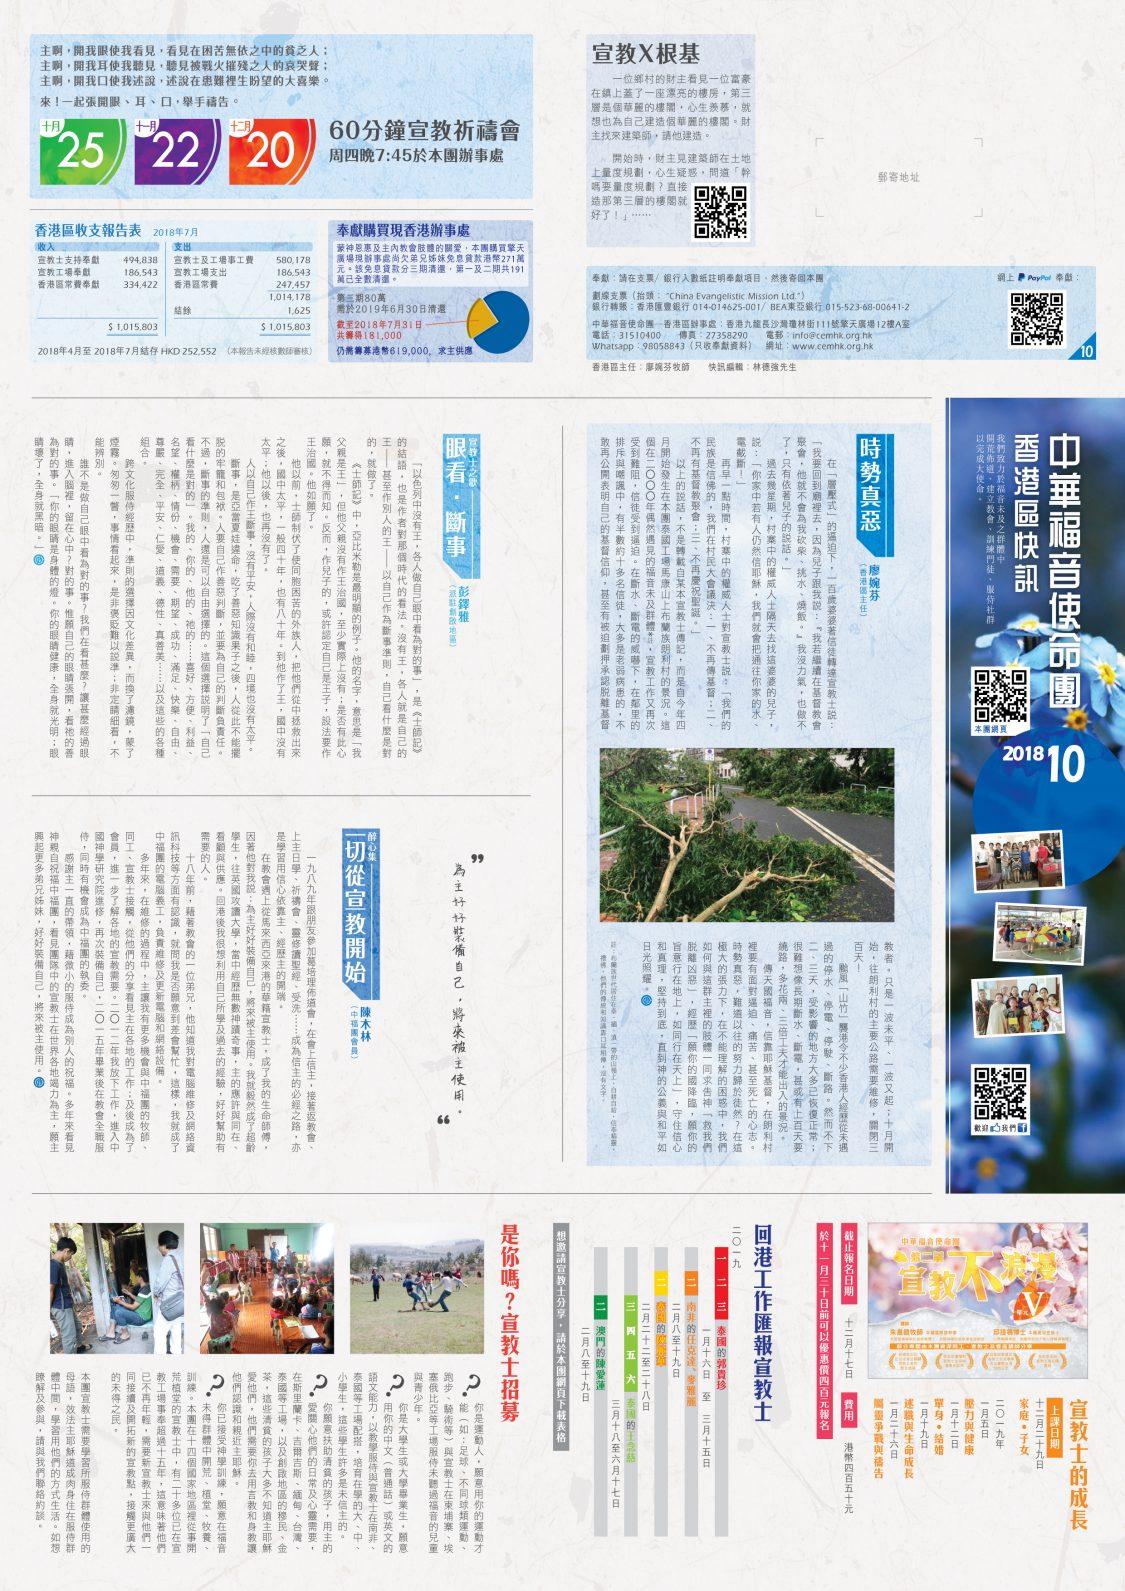 香港區快訊 2018(10)-01